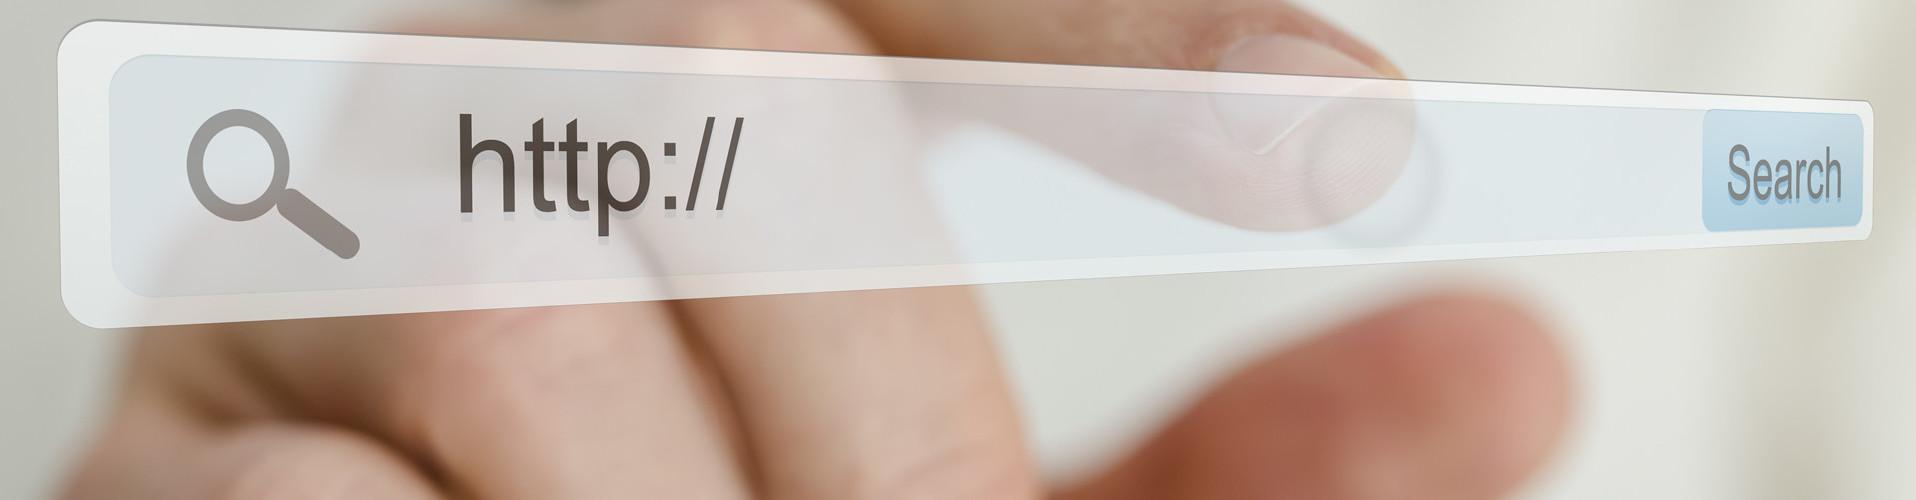 """Man sieht eine transparente Ebene mit einer URL-Zeile, in welcher """"http://"""" geschrieben steht. Im Hintergrund sieht man die Hand eines Mannes danach greifen. © Gajus, stock.adobe.com"""